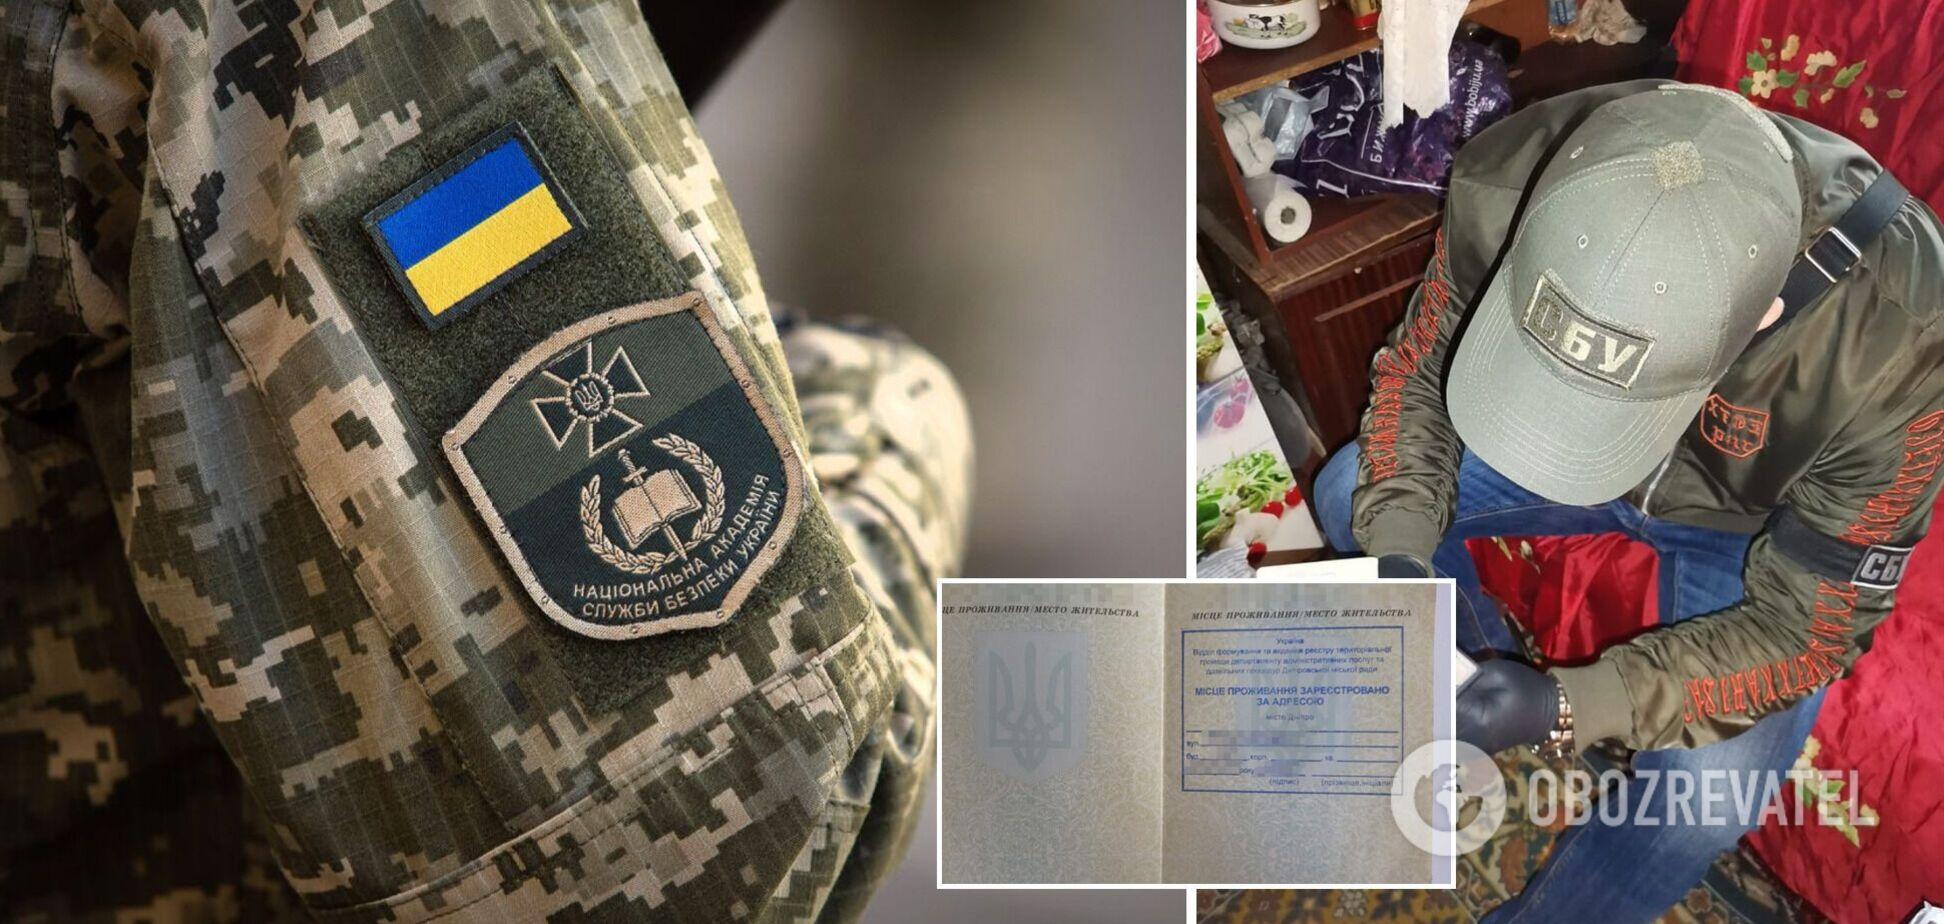 У Дніпрі викрили схему легалізації терористів 'ДНР' та мешканців ОРДЛО в Україні